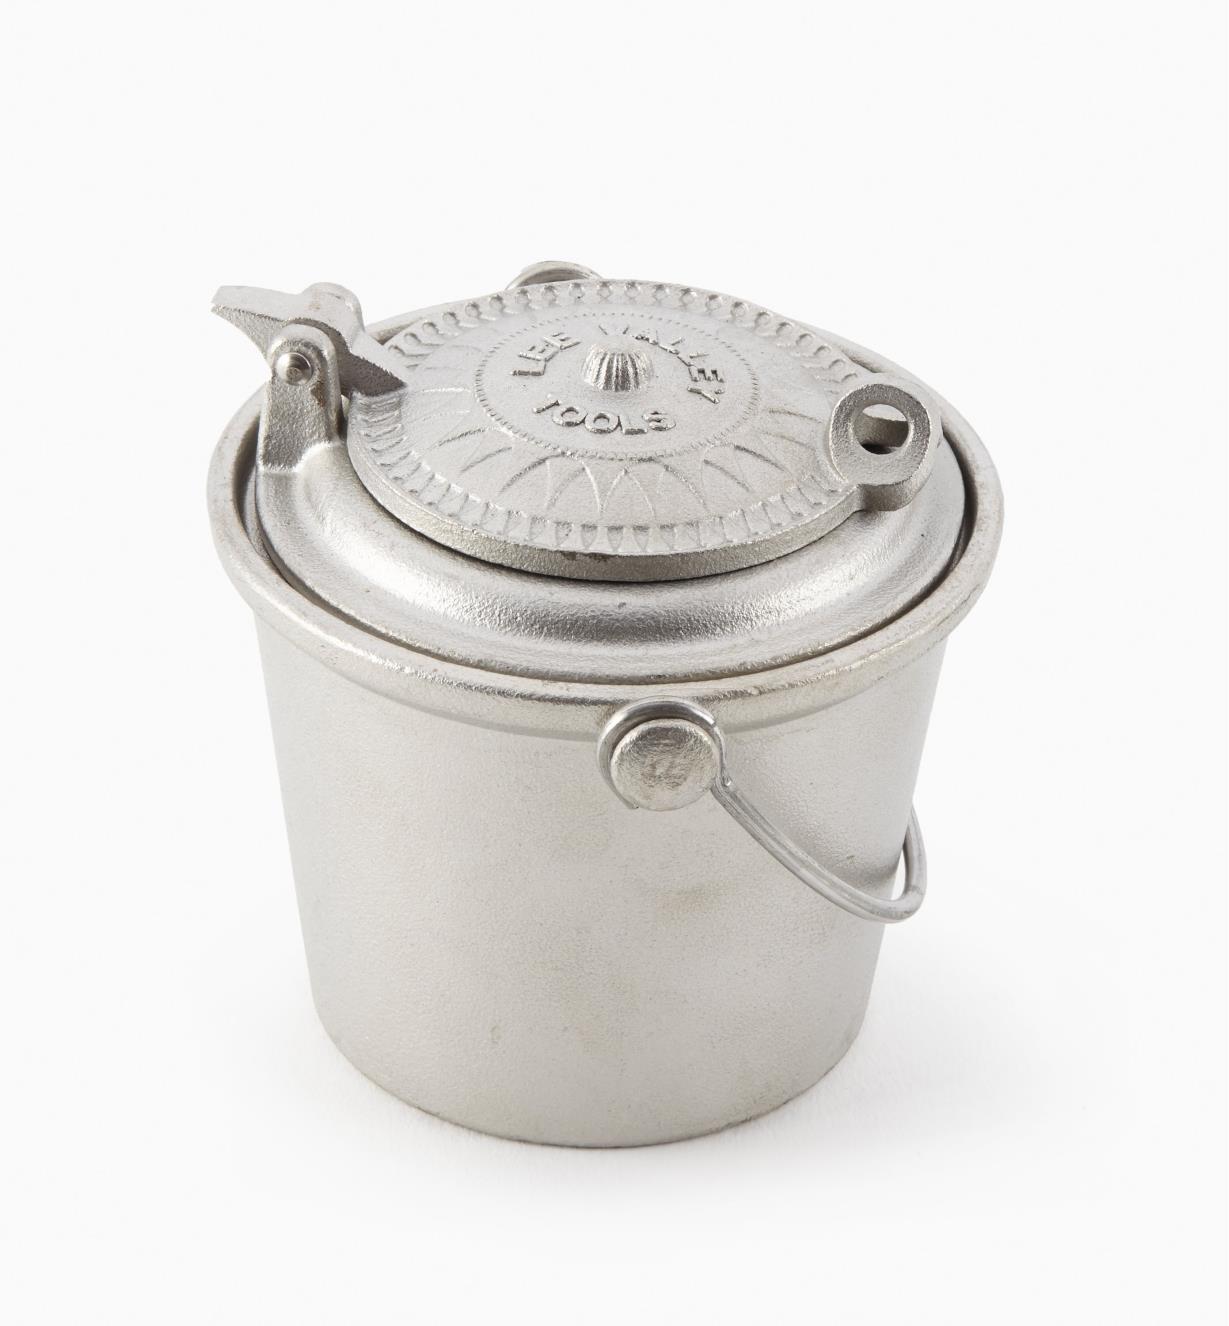 09A0282 - Glue Pot